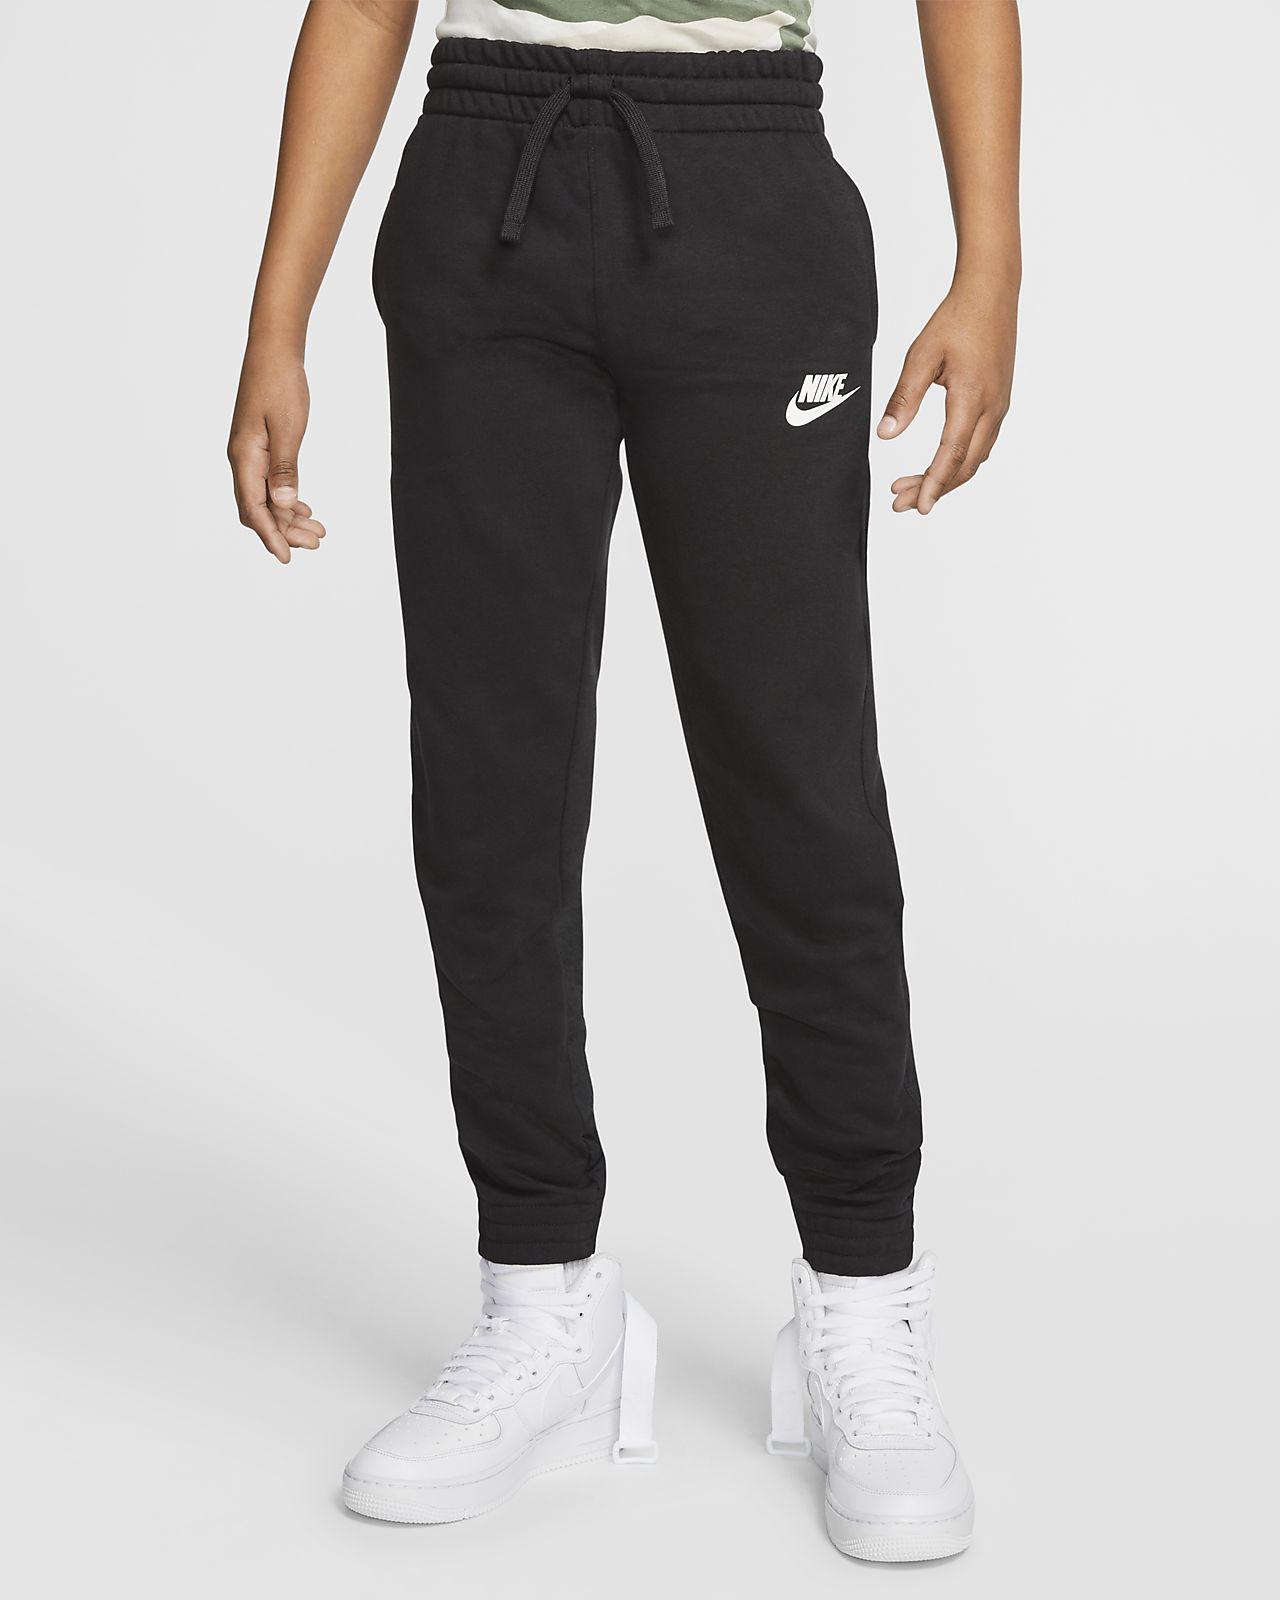 NEUE Nike Sportswear Hose